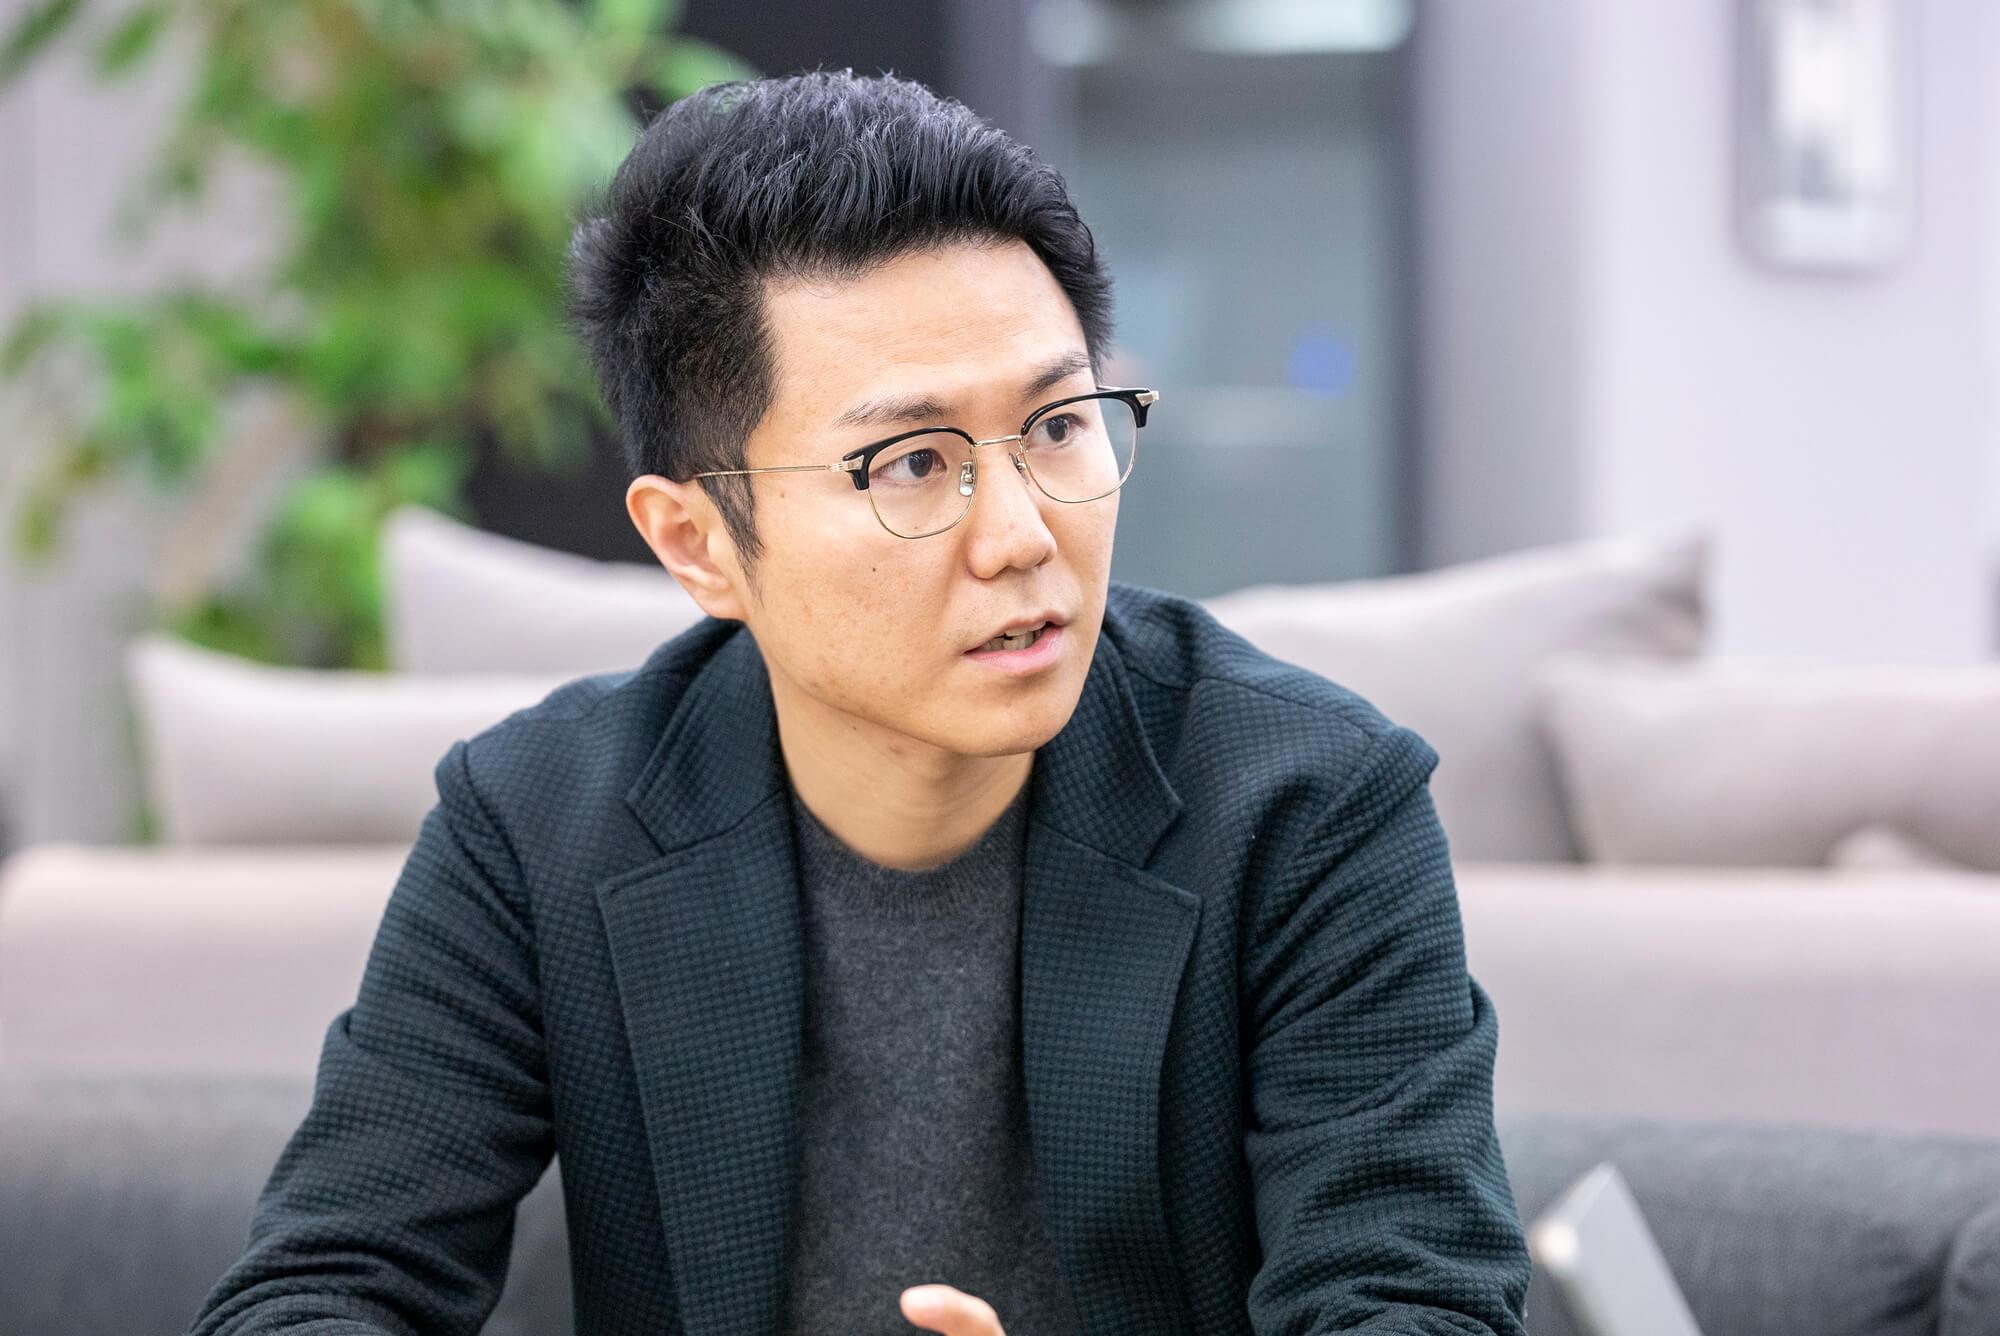 株式会社SUPER STUDIO 取締役 CRO 真野 勉氏